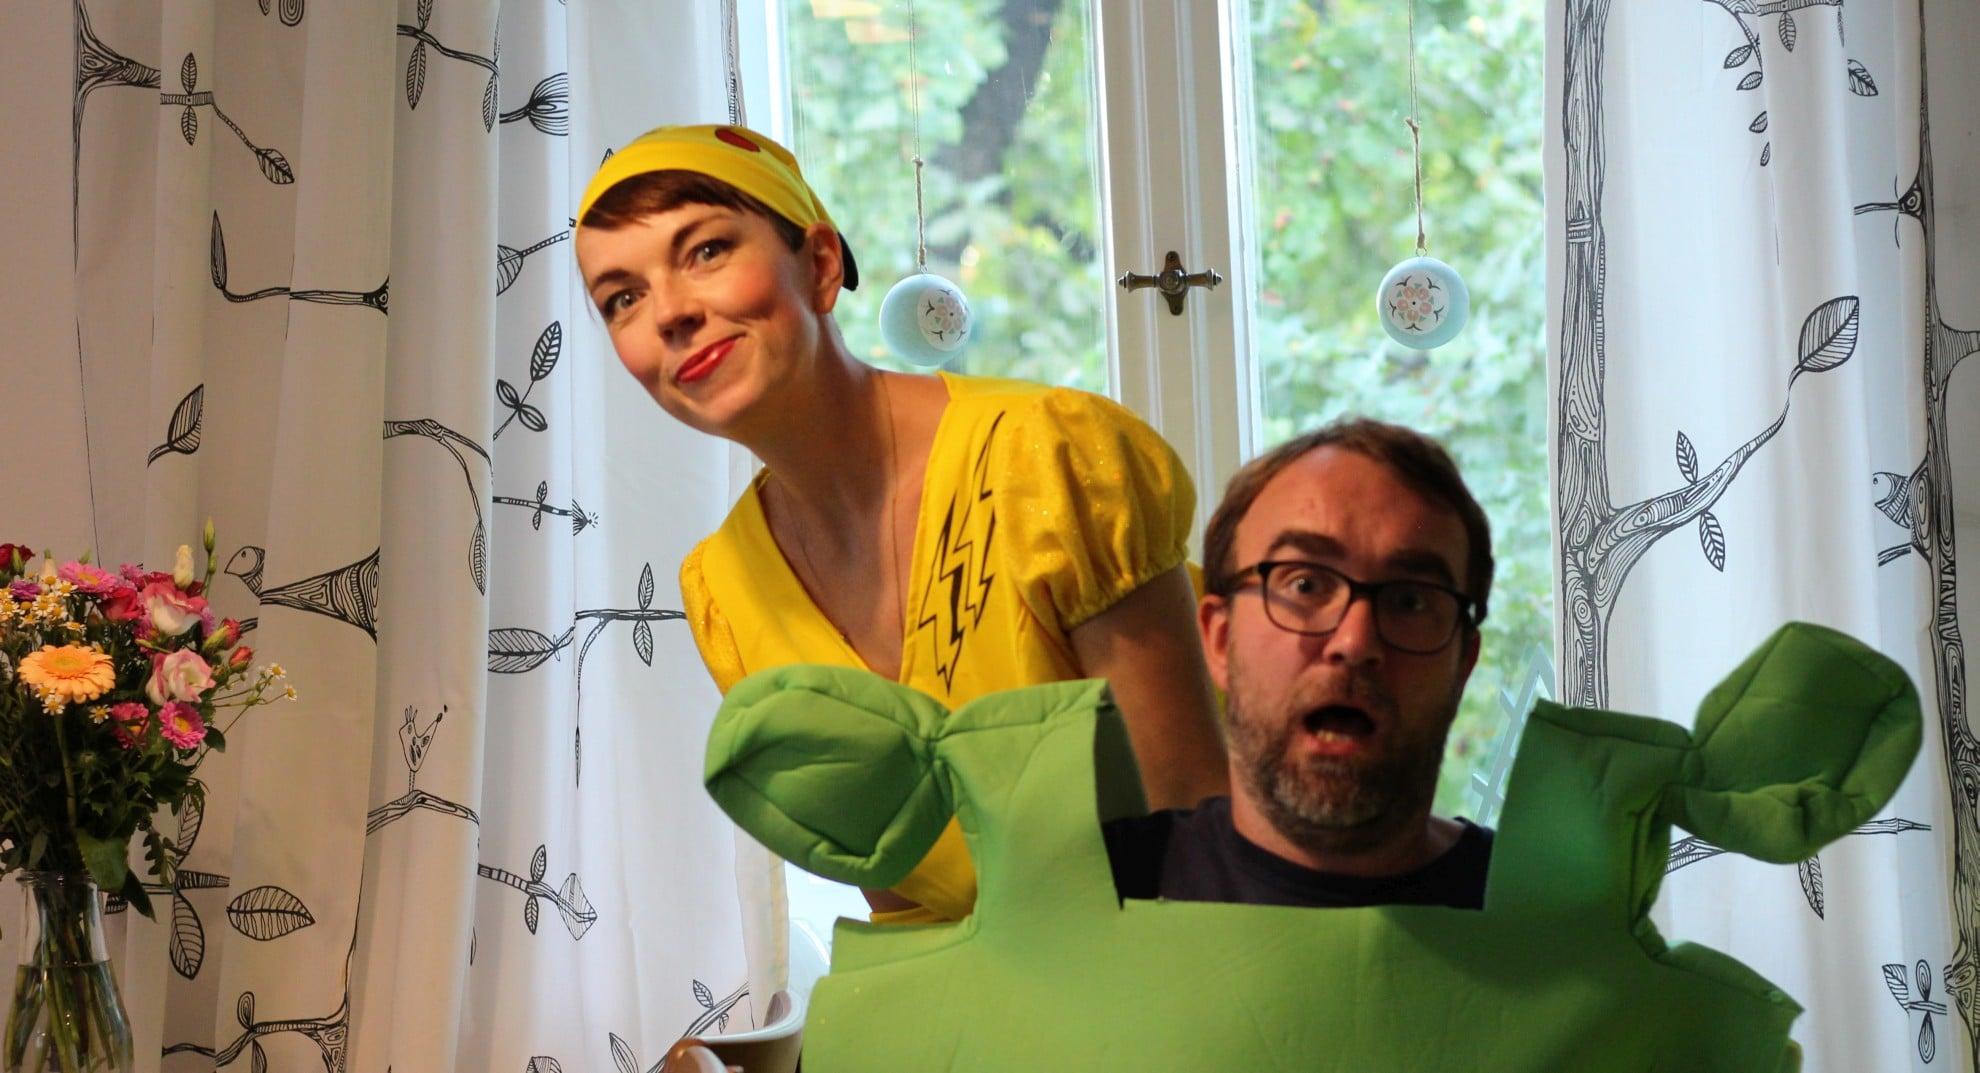 Kostüme testen. Ohje. (Foto: Sven Wernicke / GamingGadgets.de)